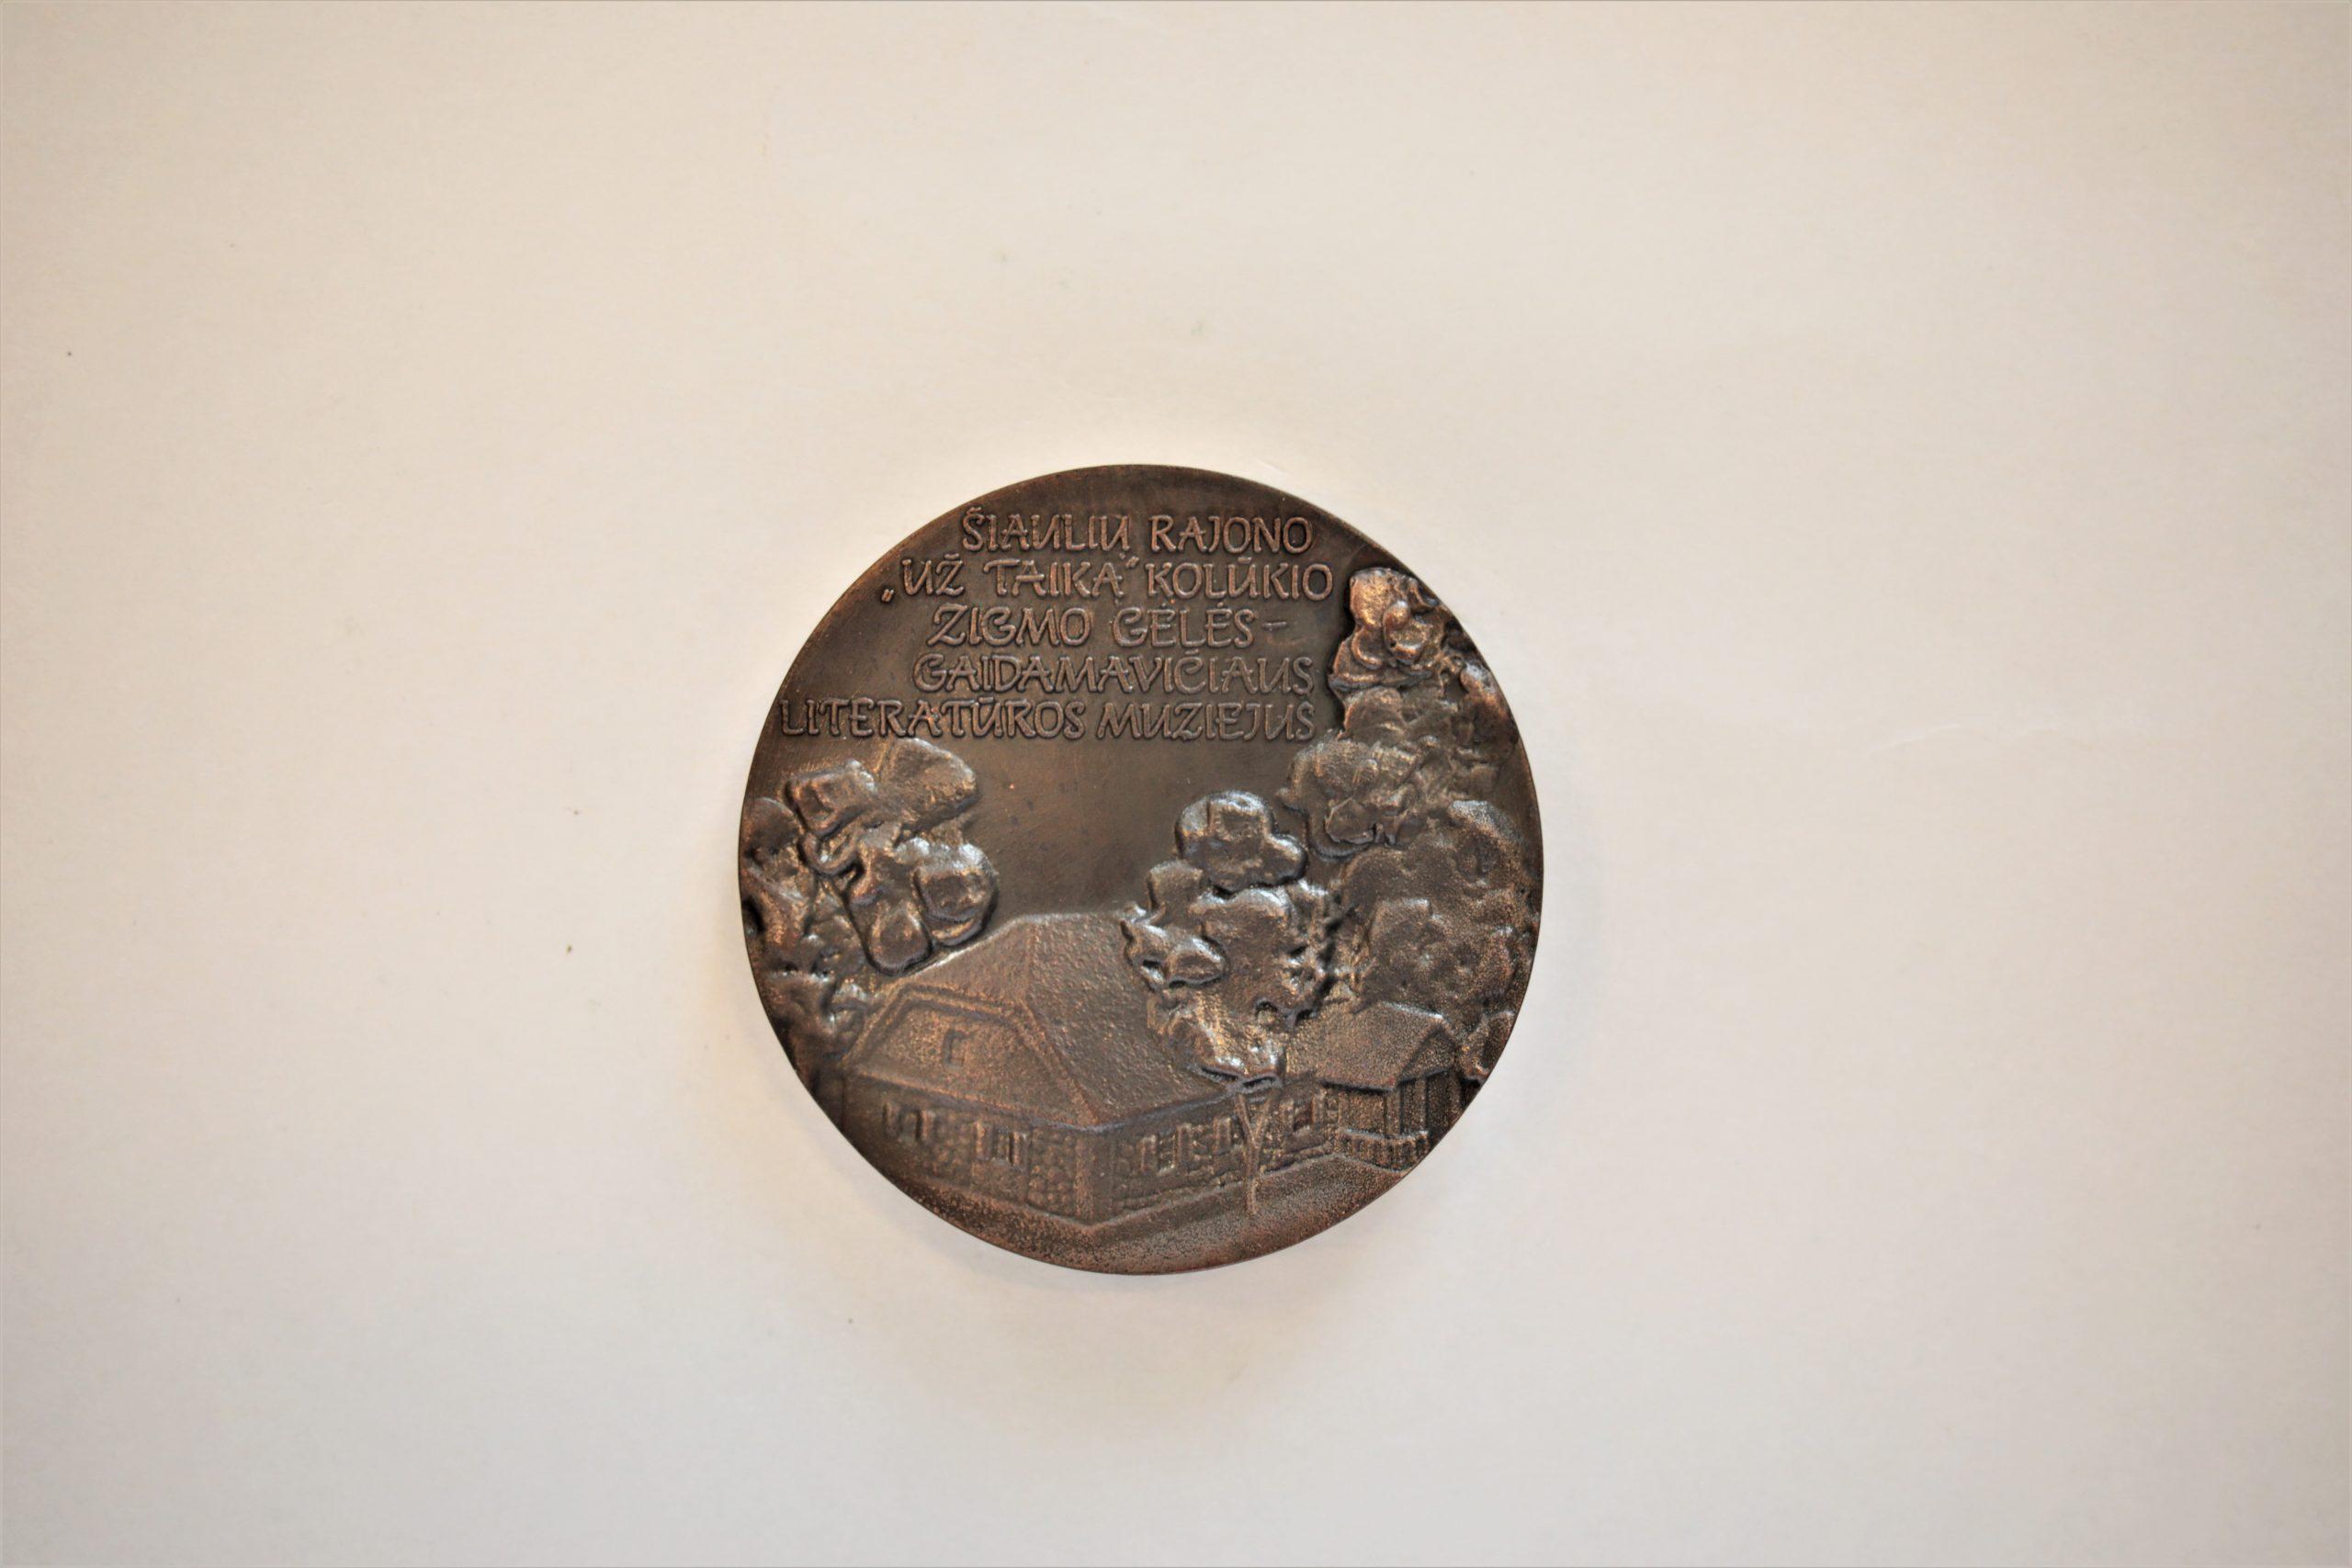 Medalis. Zigmo Gėlės – Gaidamavičiaus literatūros muziejus. Metalas. Reversas. Autorius nežinomas